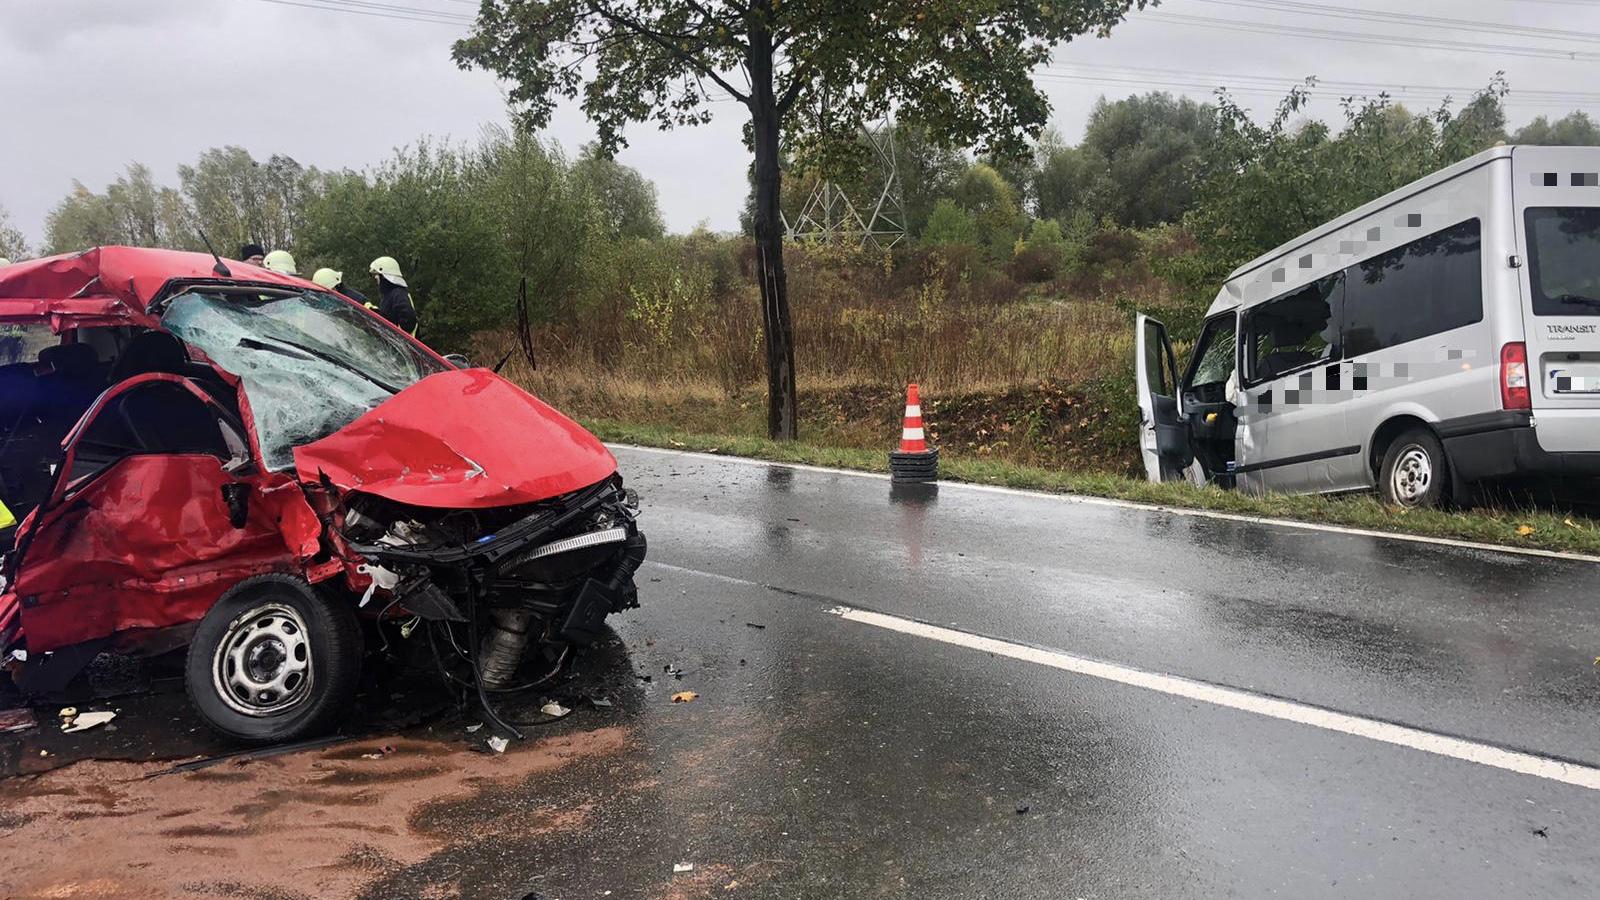 Verkehrsunfall – PKW gegen Kleinbus – B245 Richtung Groß Quenstedt